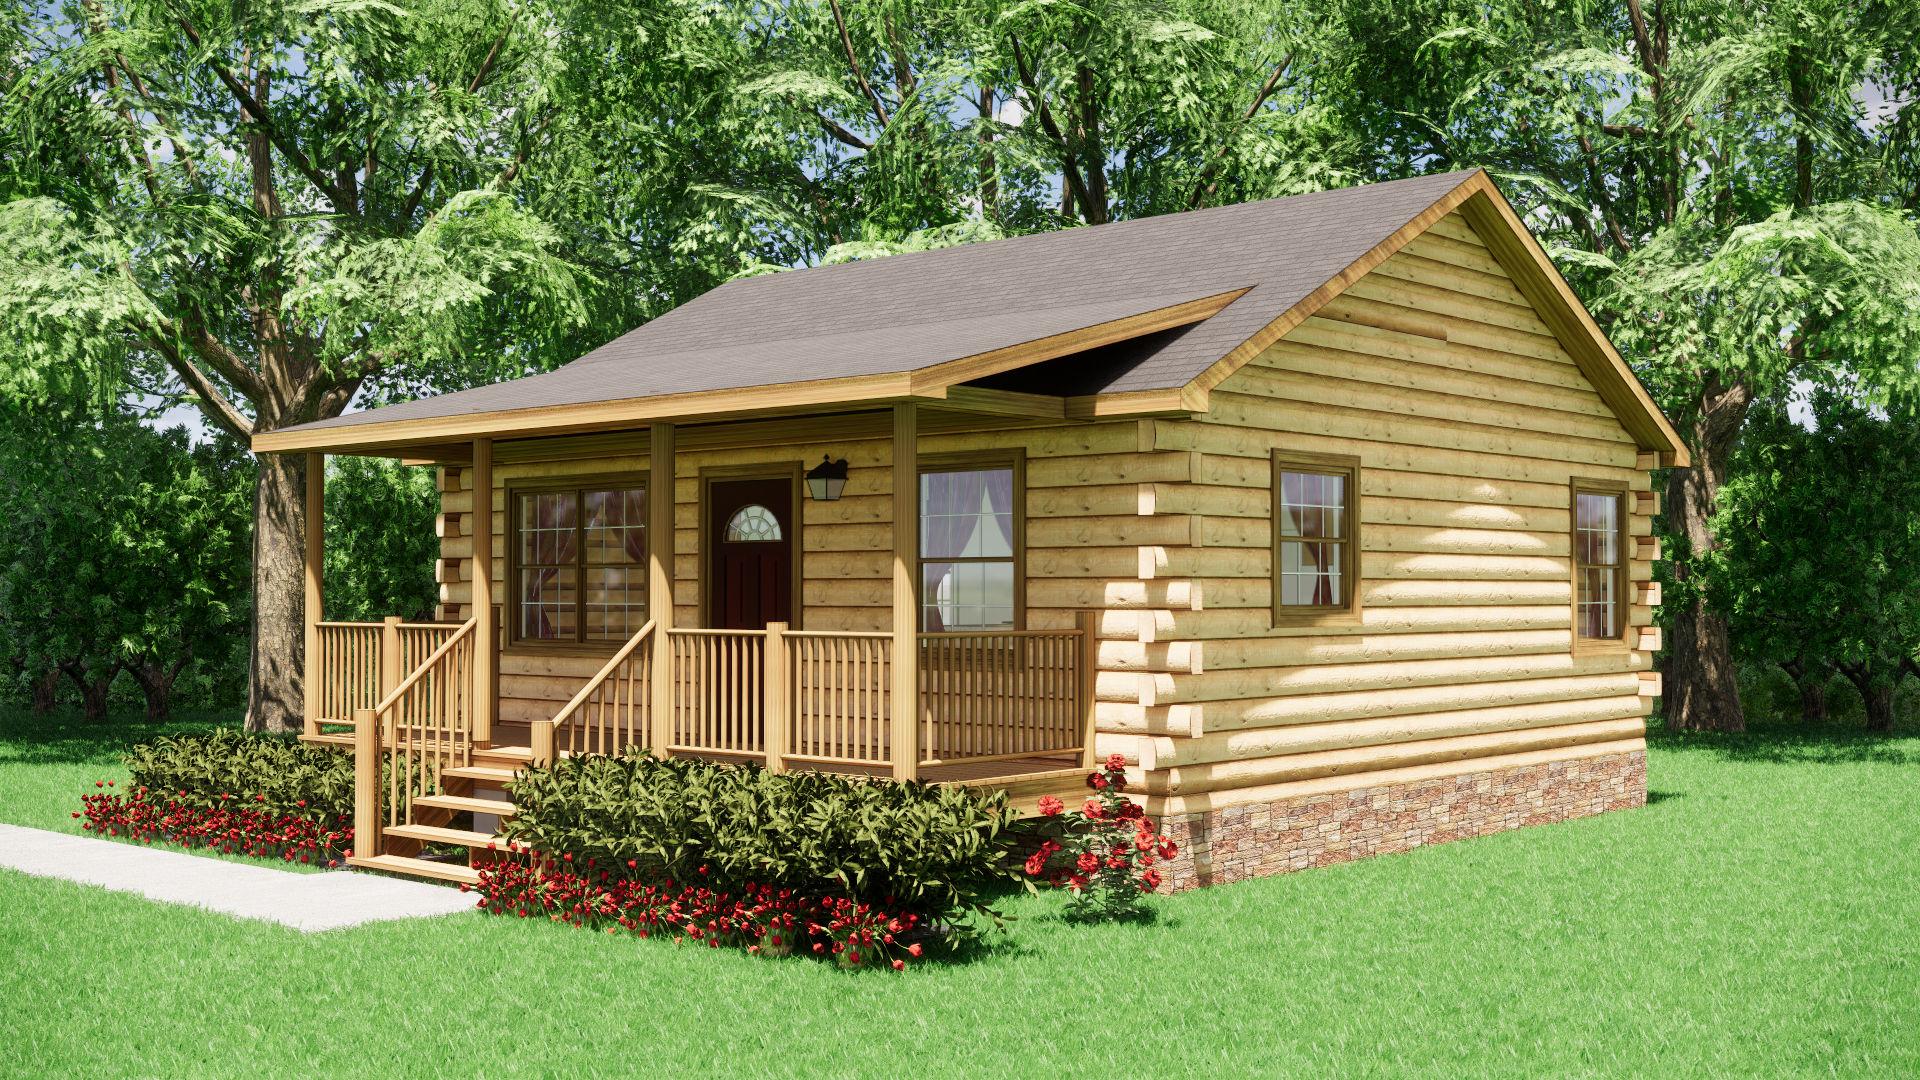 Small Log Cabins - Small Log Cabin Kits 2